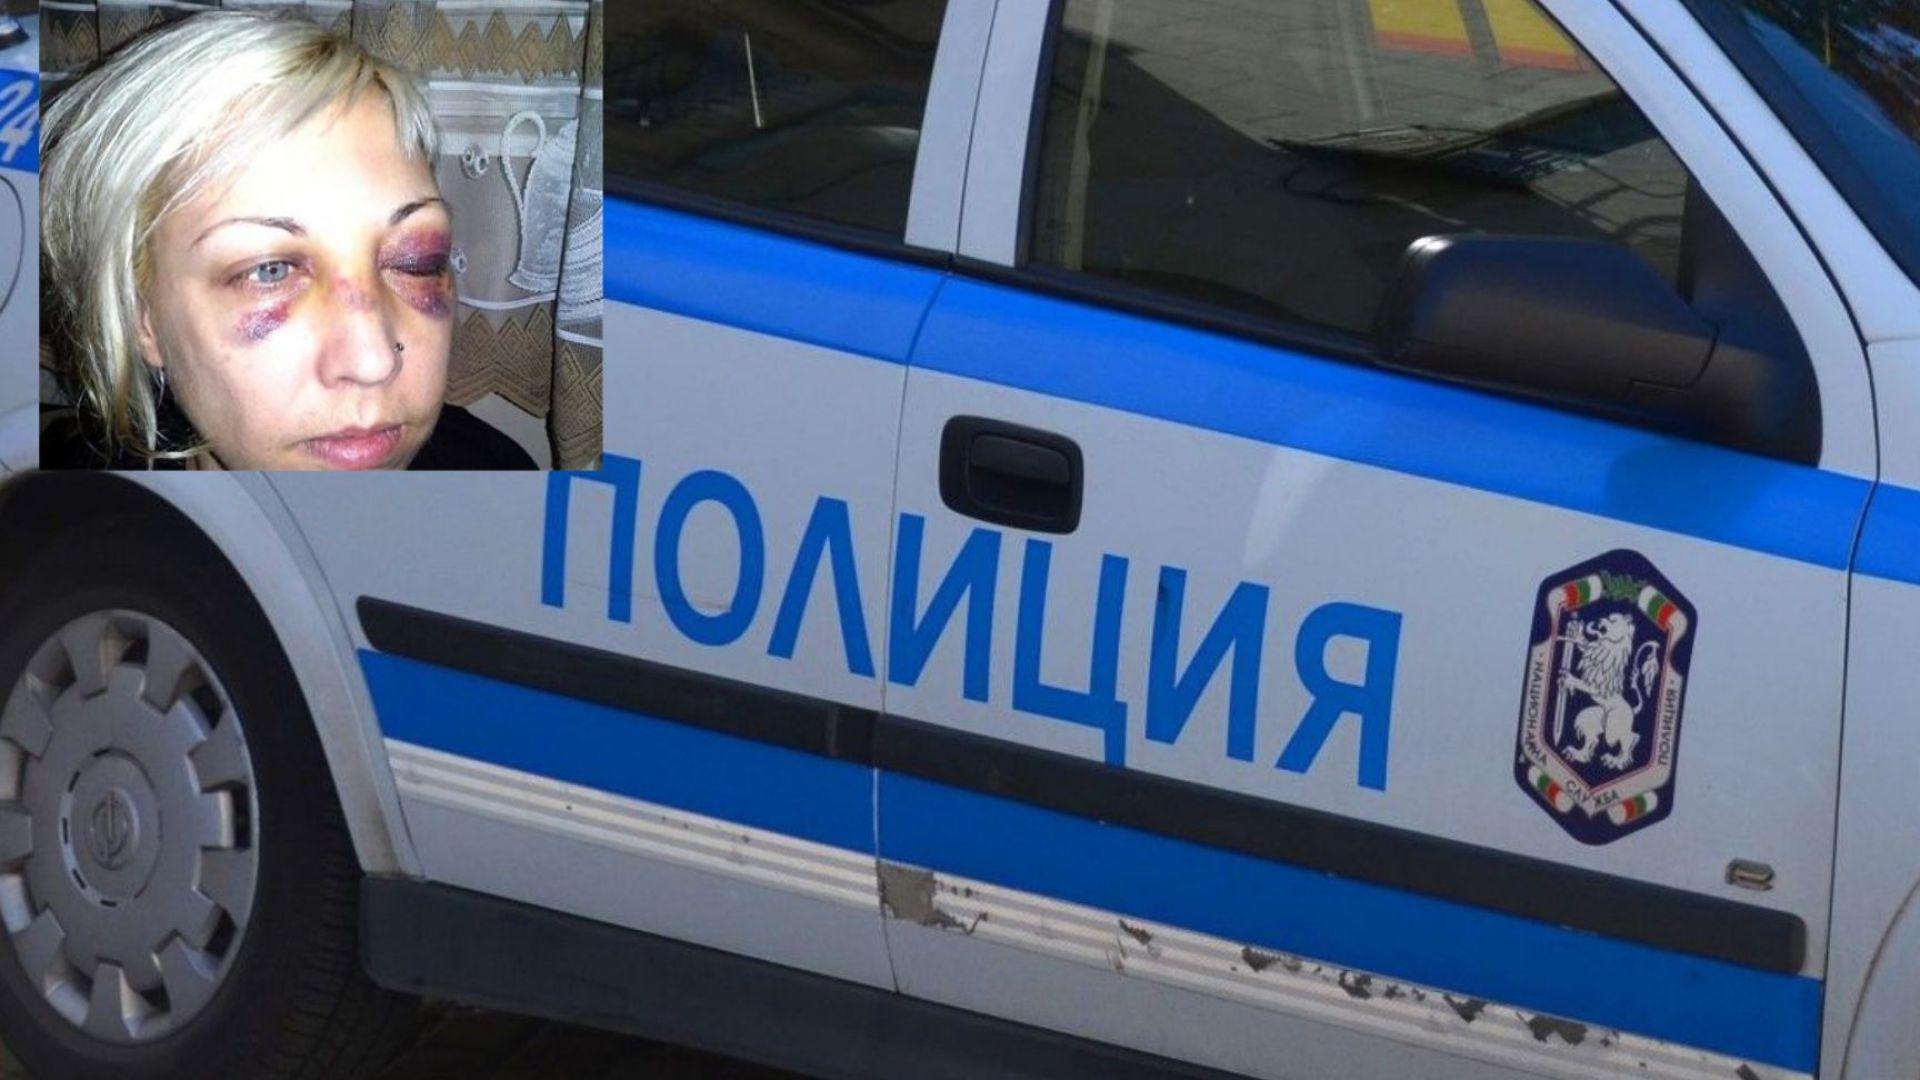 Оправдаха съдени за хулиганство мъж и жена, бити от полицай в метрото